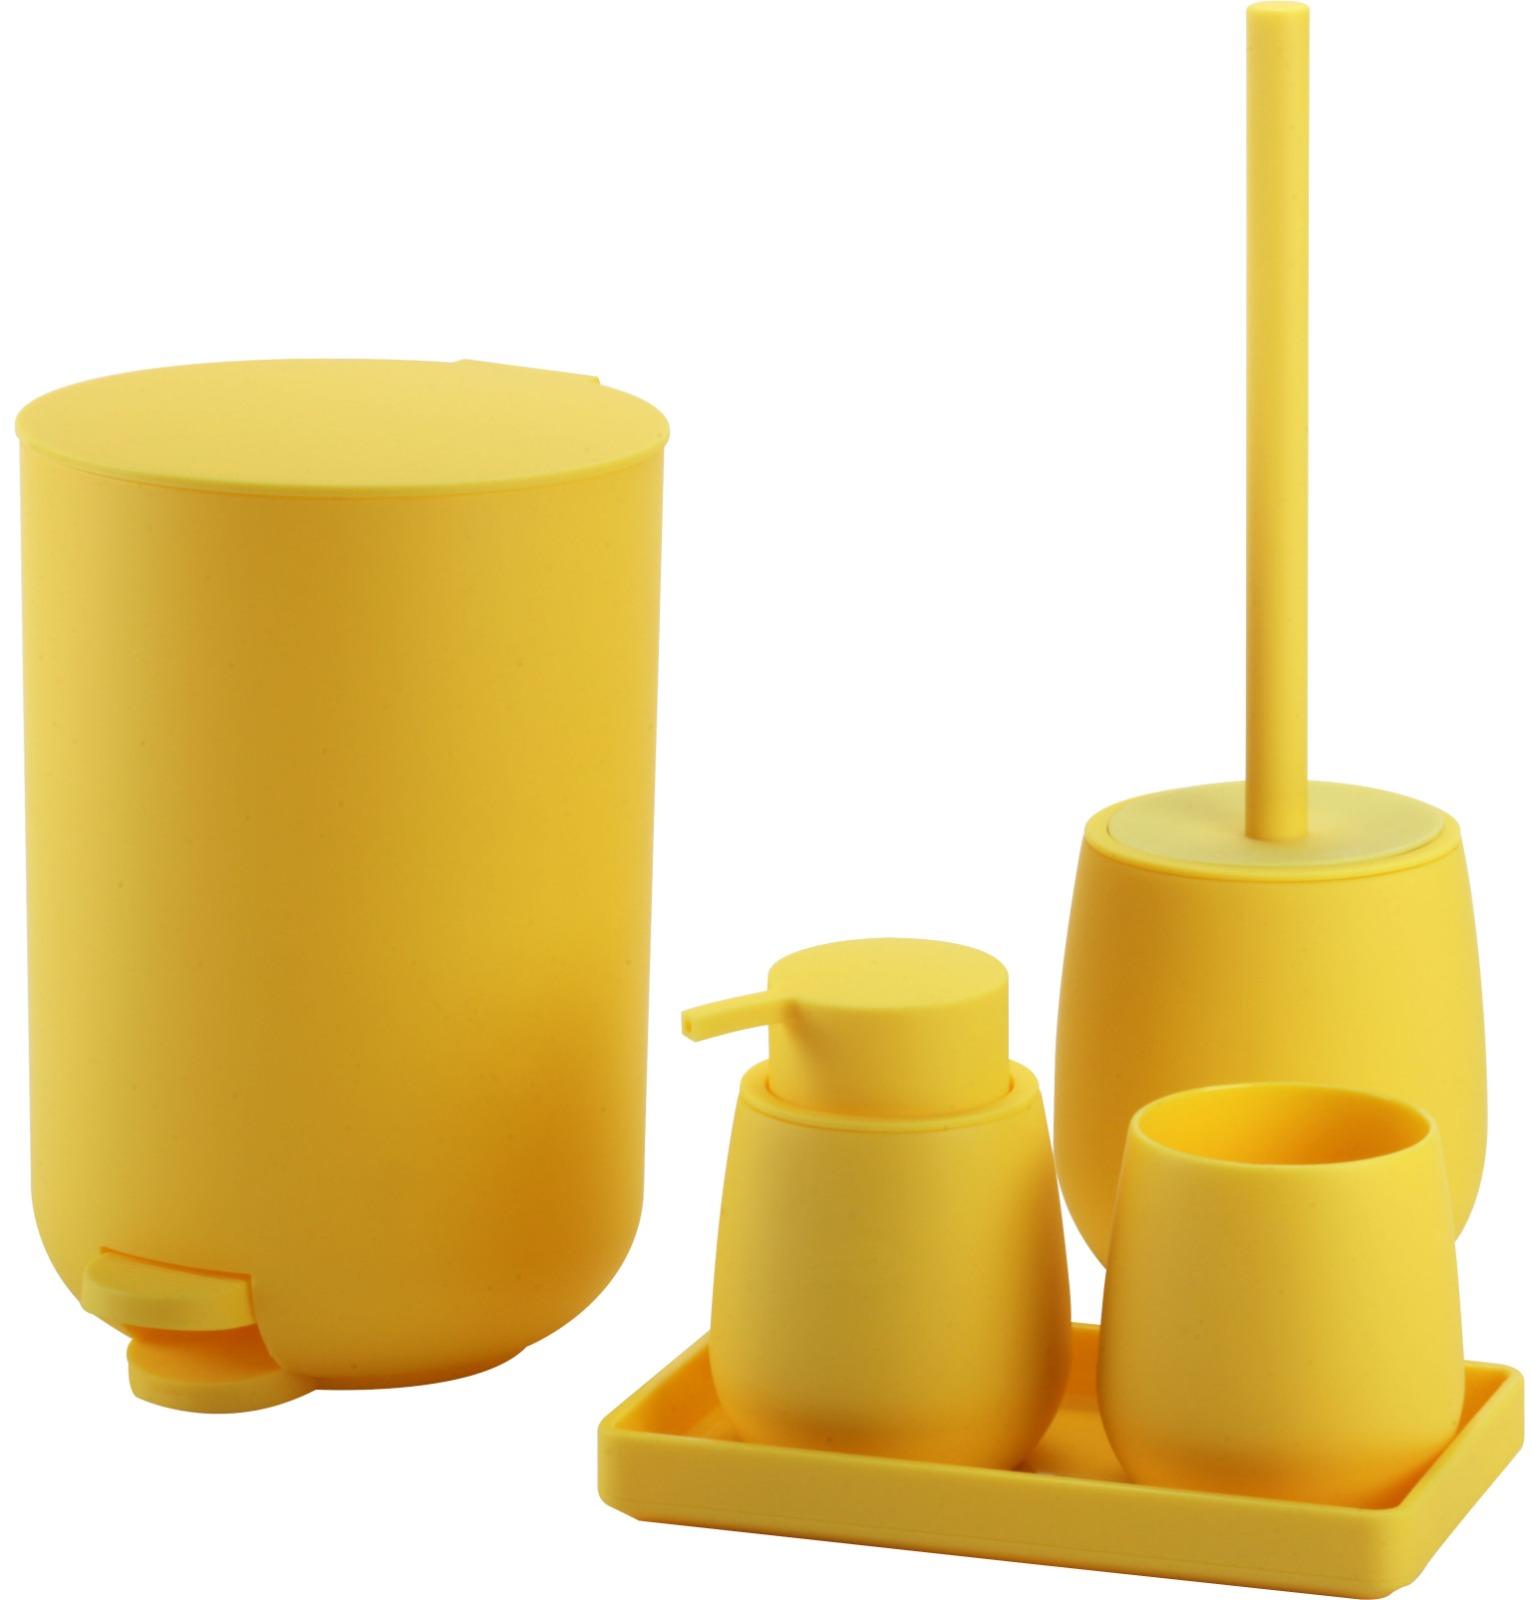 סט מונחים לאמבט דובאי צהוב